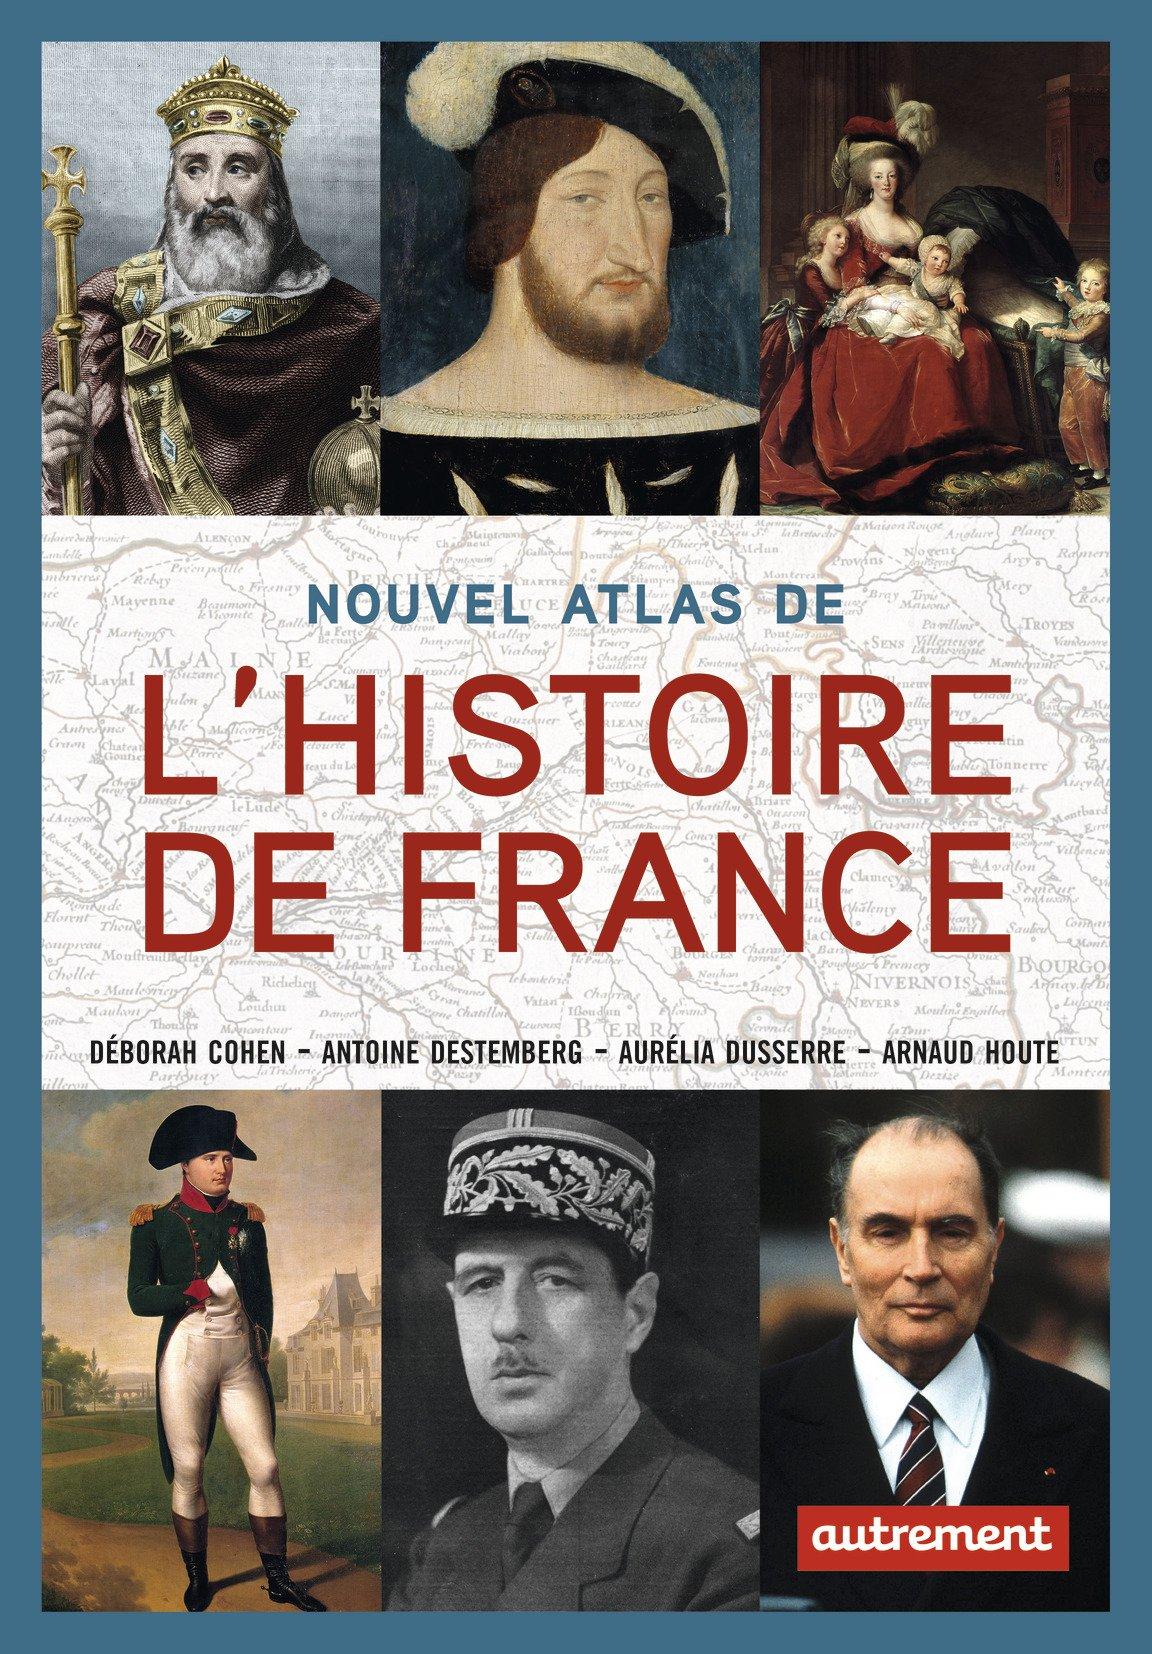 Nouvel atlas de l'Histoire de France Relié – 2 novembre 2016 Fabrice Le Goff Deborah Cohen Antoine Destemberg Aurélia Dusserre